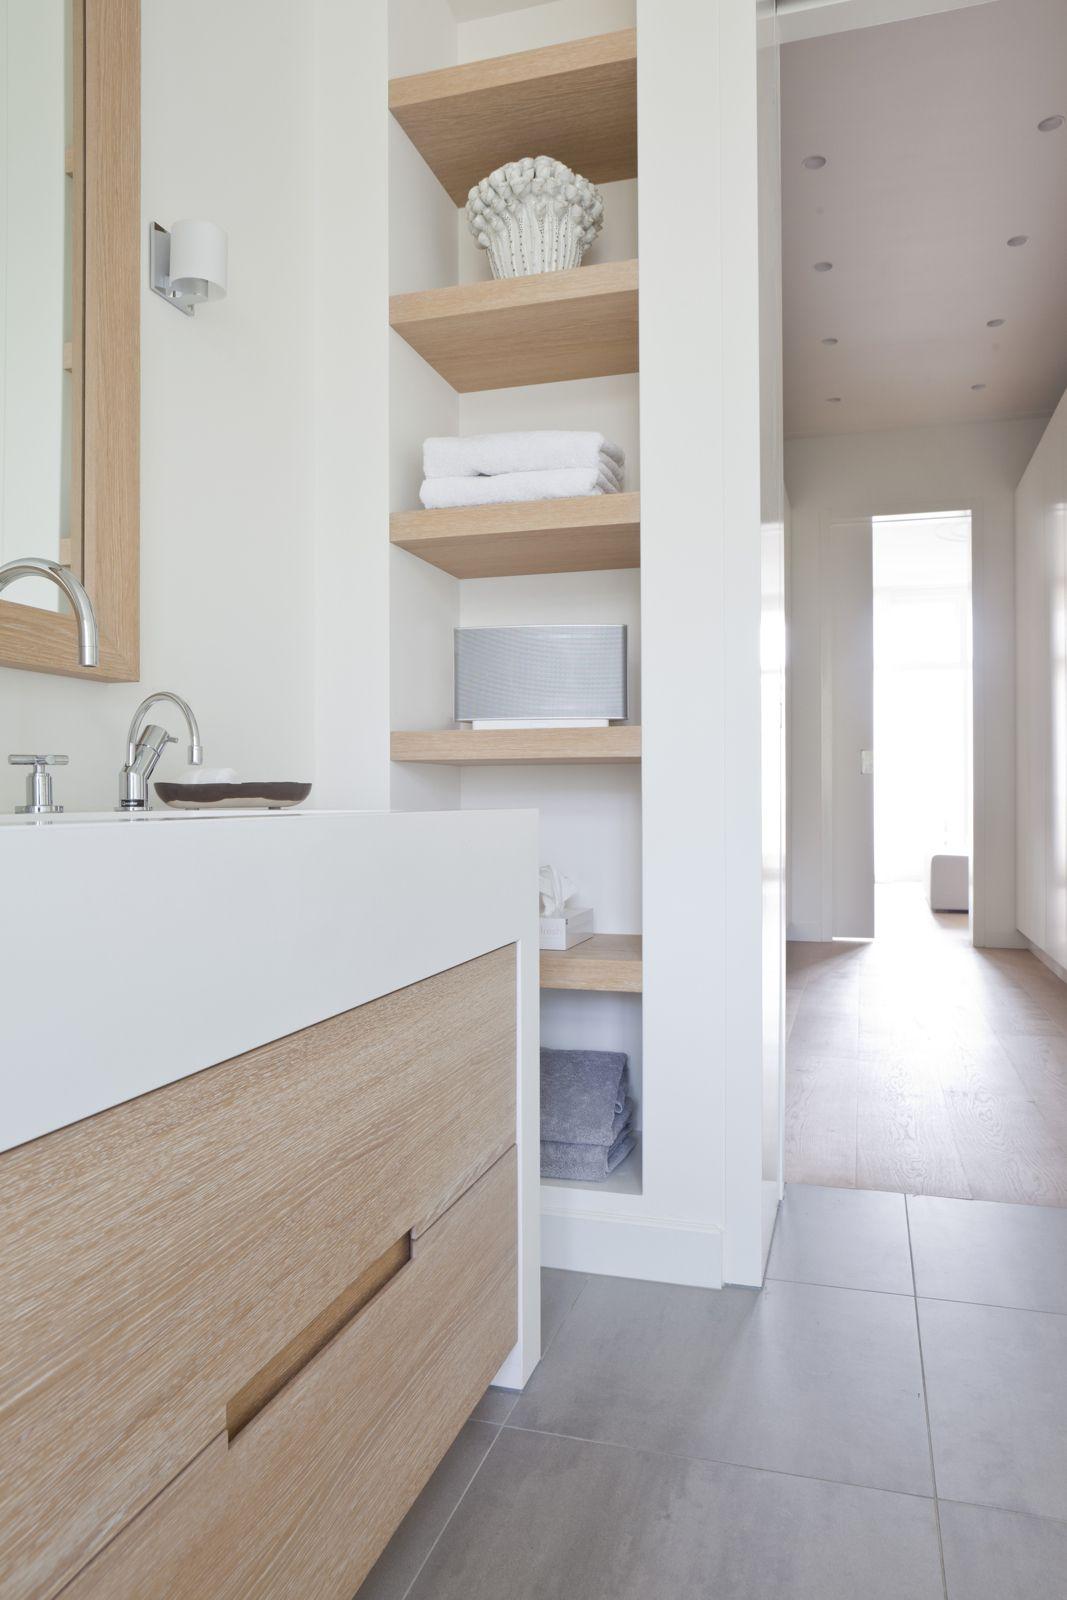 Carrelage Gris Meuble Bois minimaliste : niches blanches et bois. vasque blanche sur